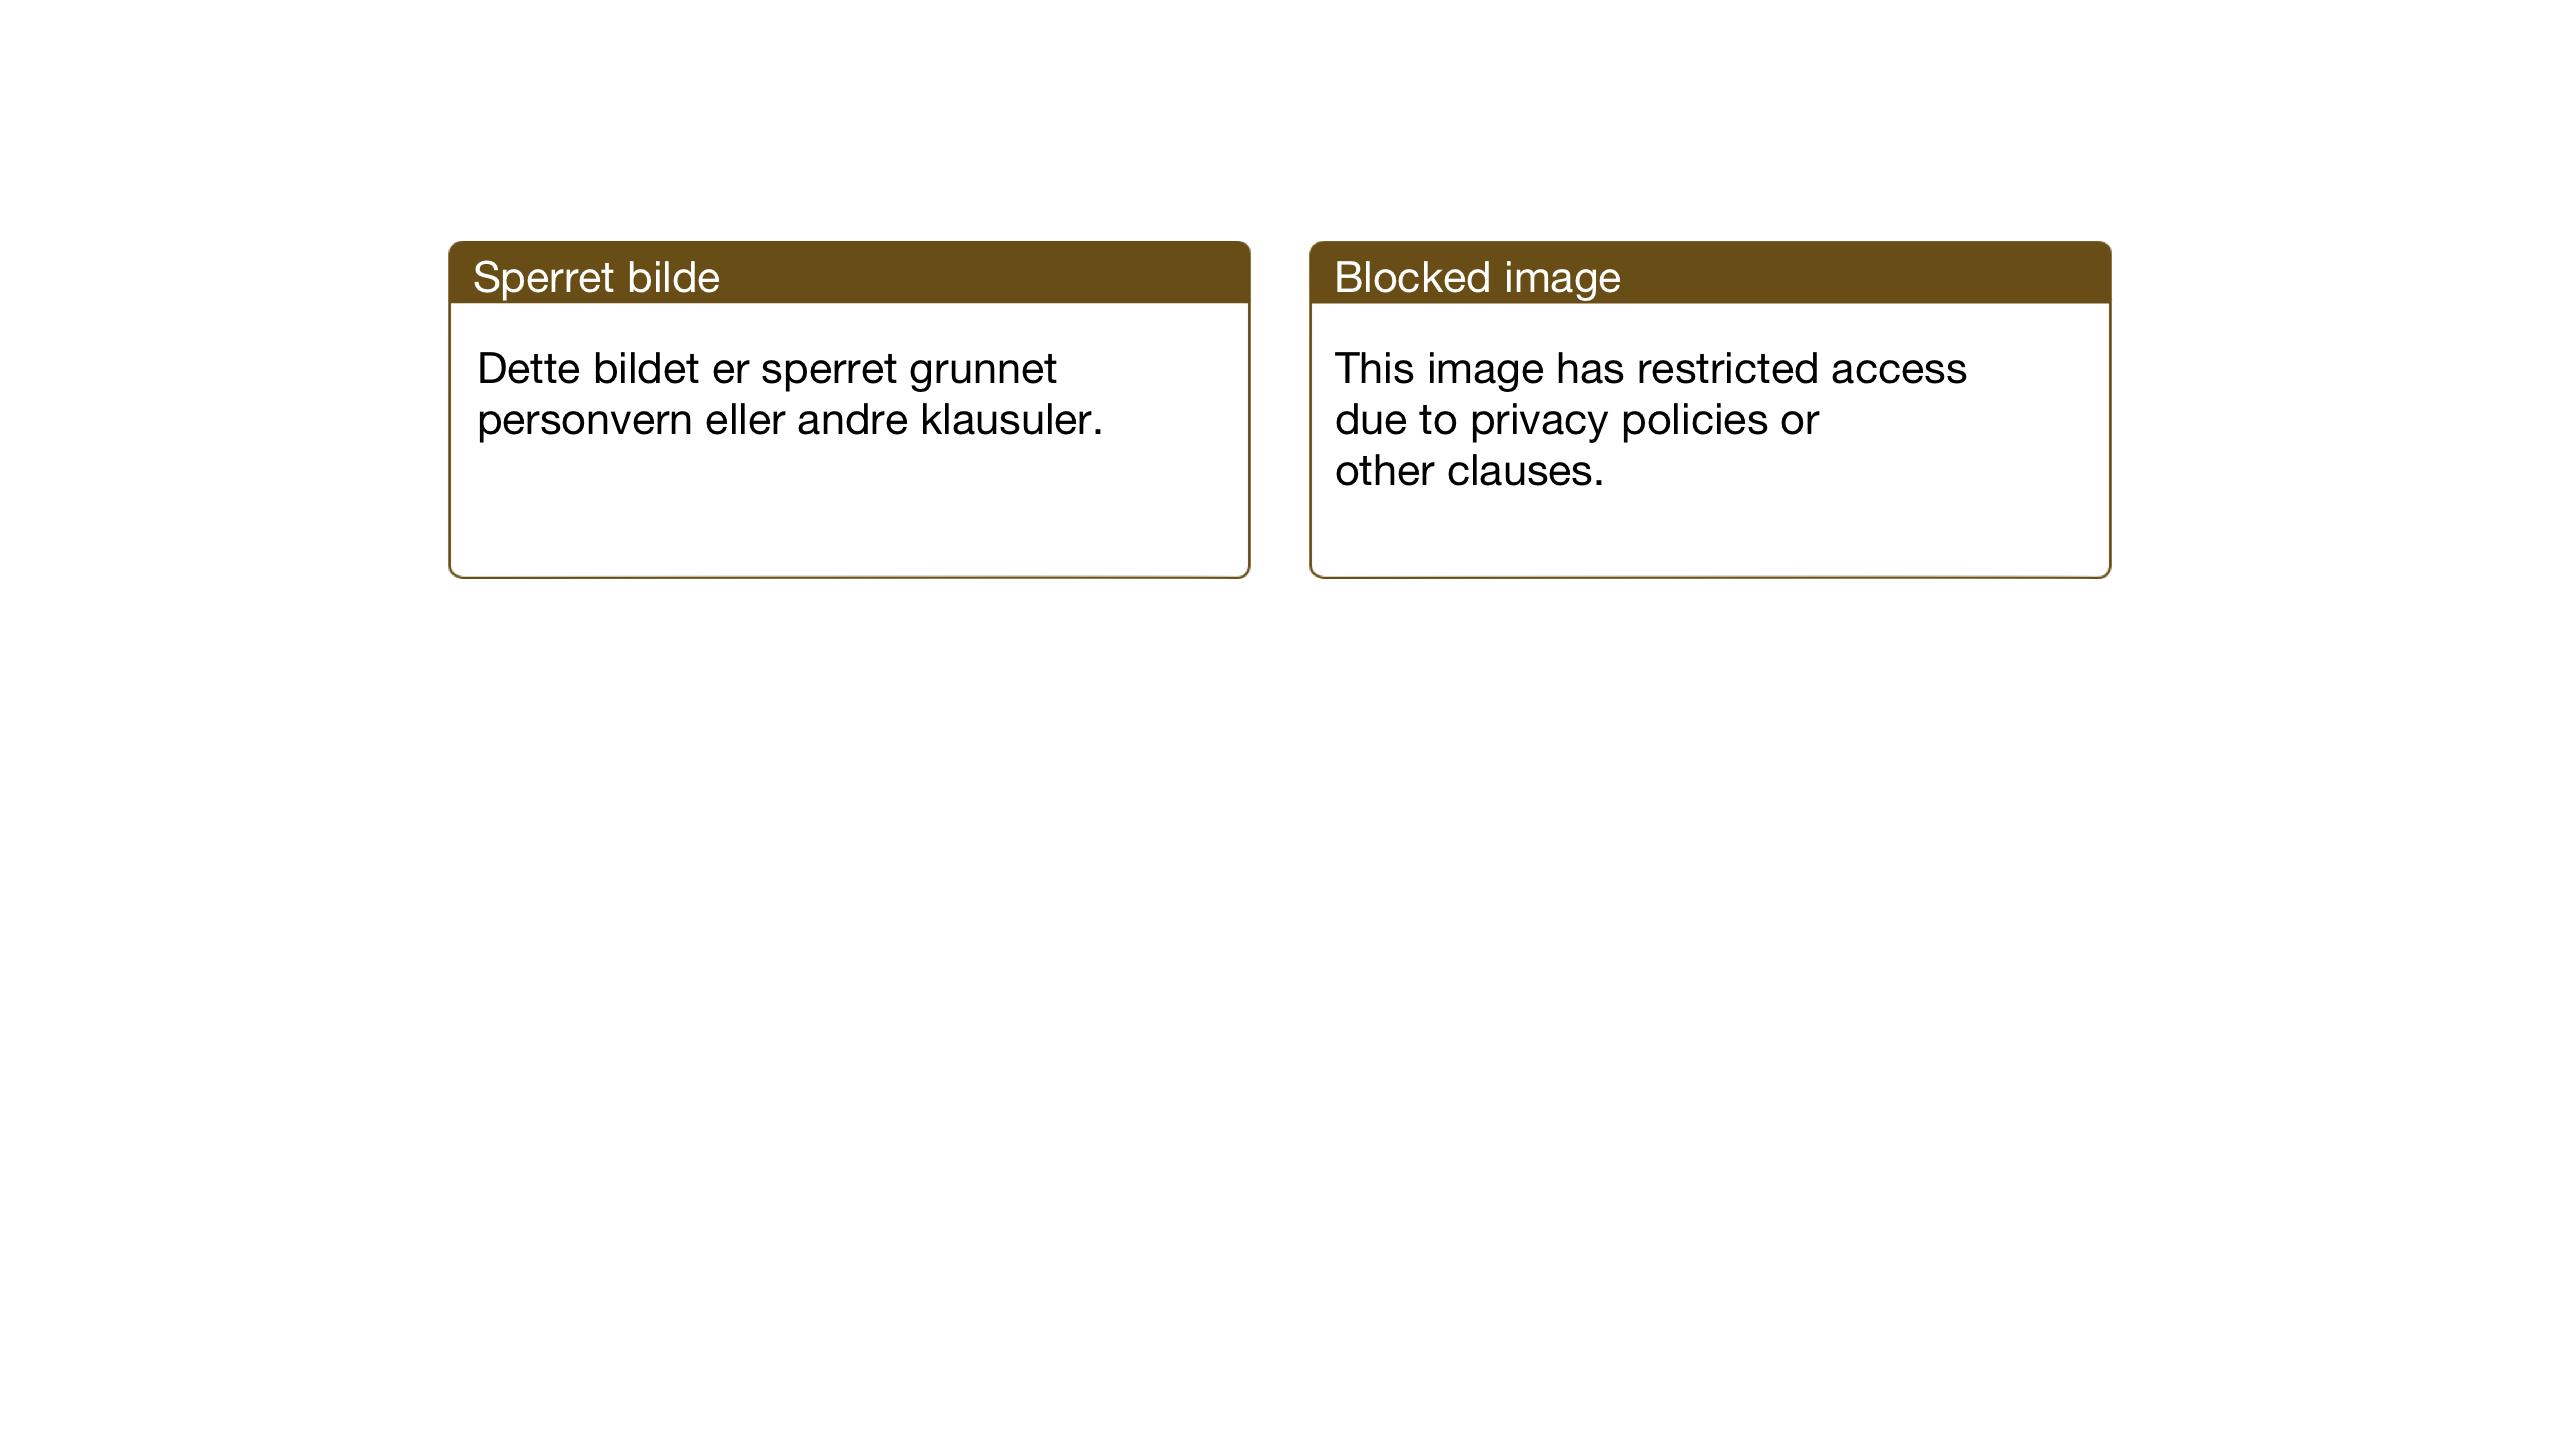 SAT, Ministerialprotokoller, klokkerbøker og fødselsregistre - Nord-Trøndelag, 720/L0193: Klokkerbok nr. 720C02, 1918-1941, s. 43